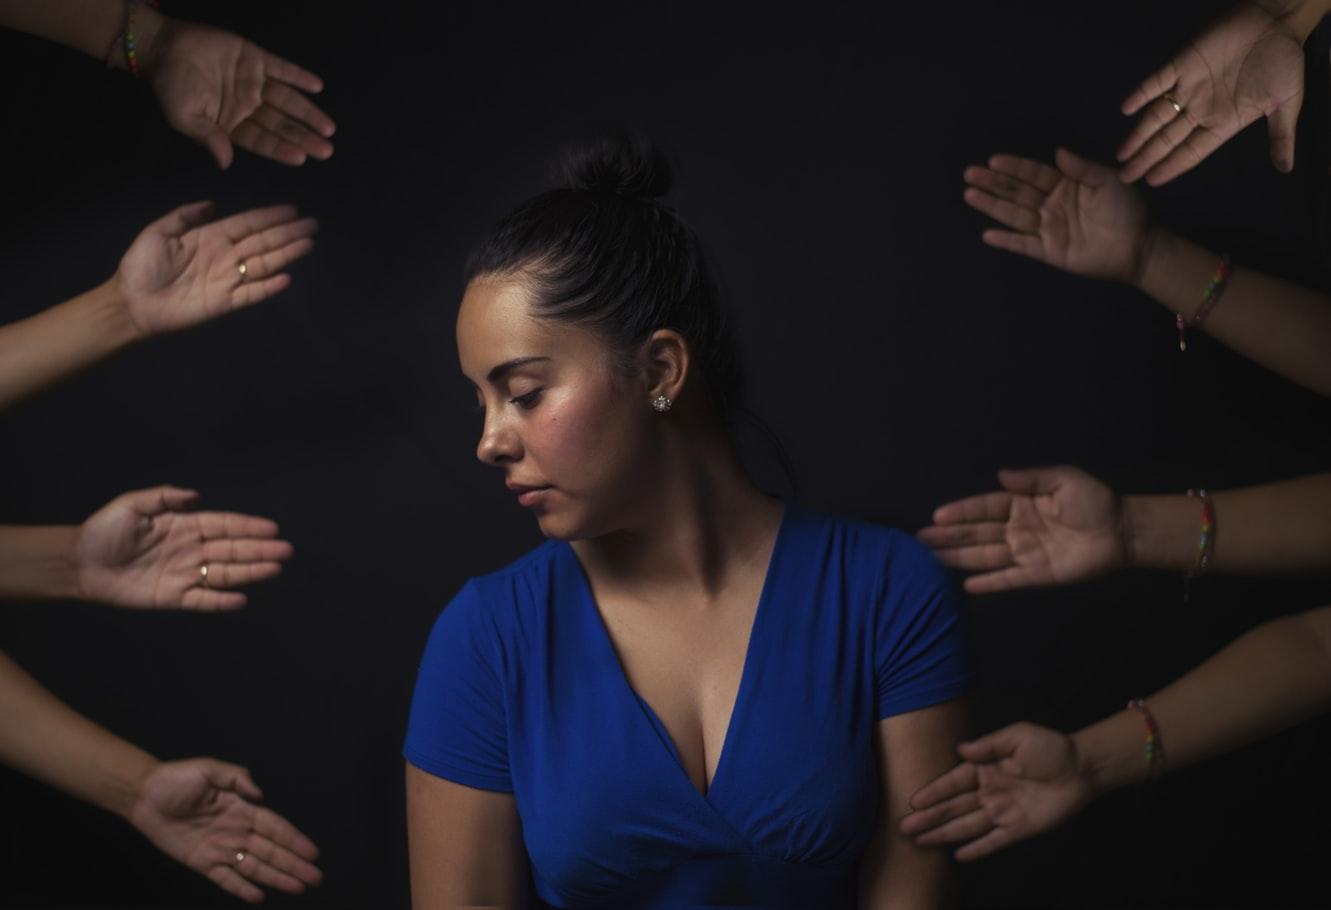 Как женщине найти время на себя?, фото №3 - интернет магазин Платошка